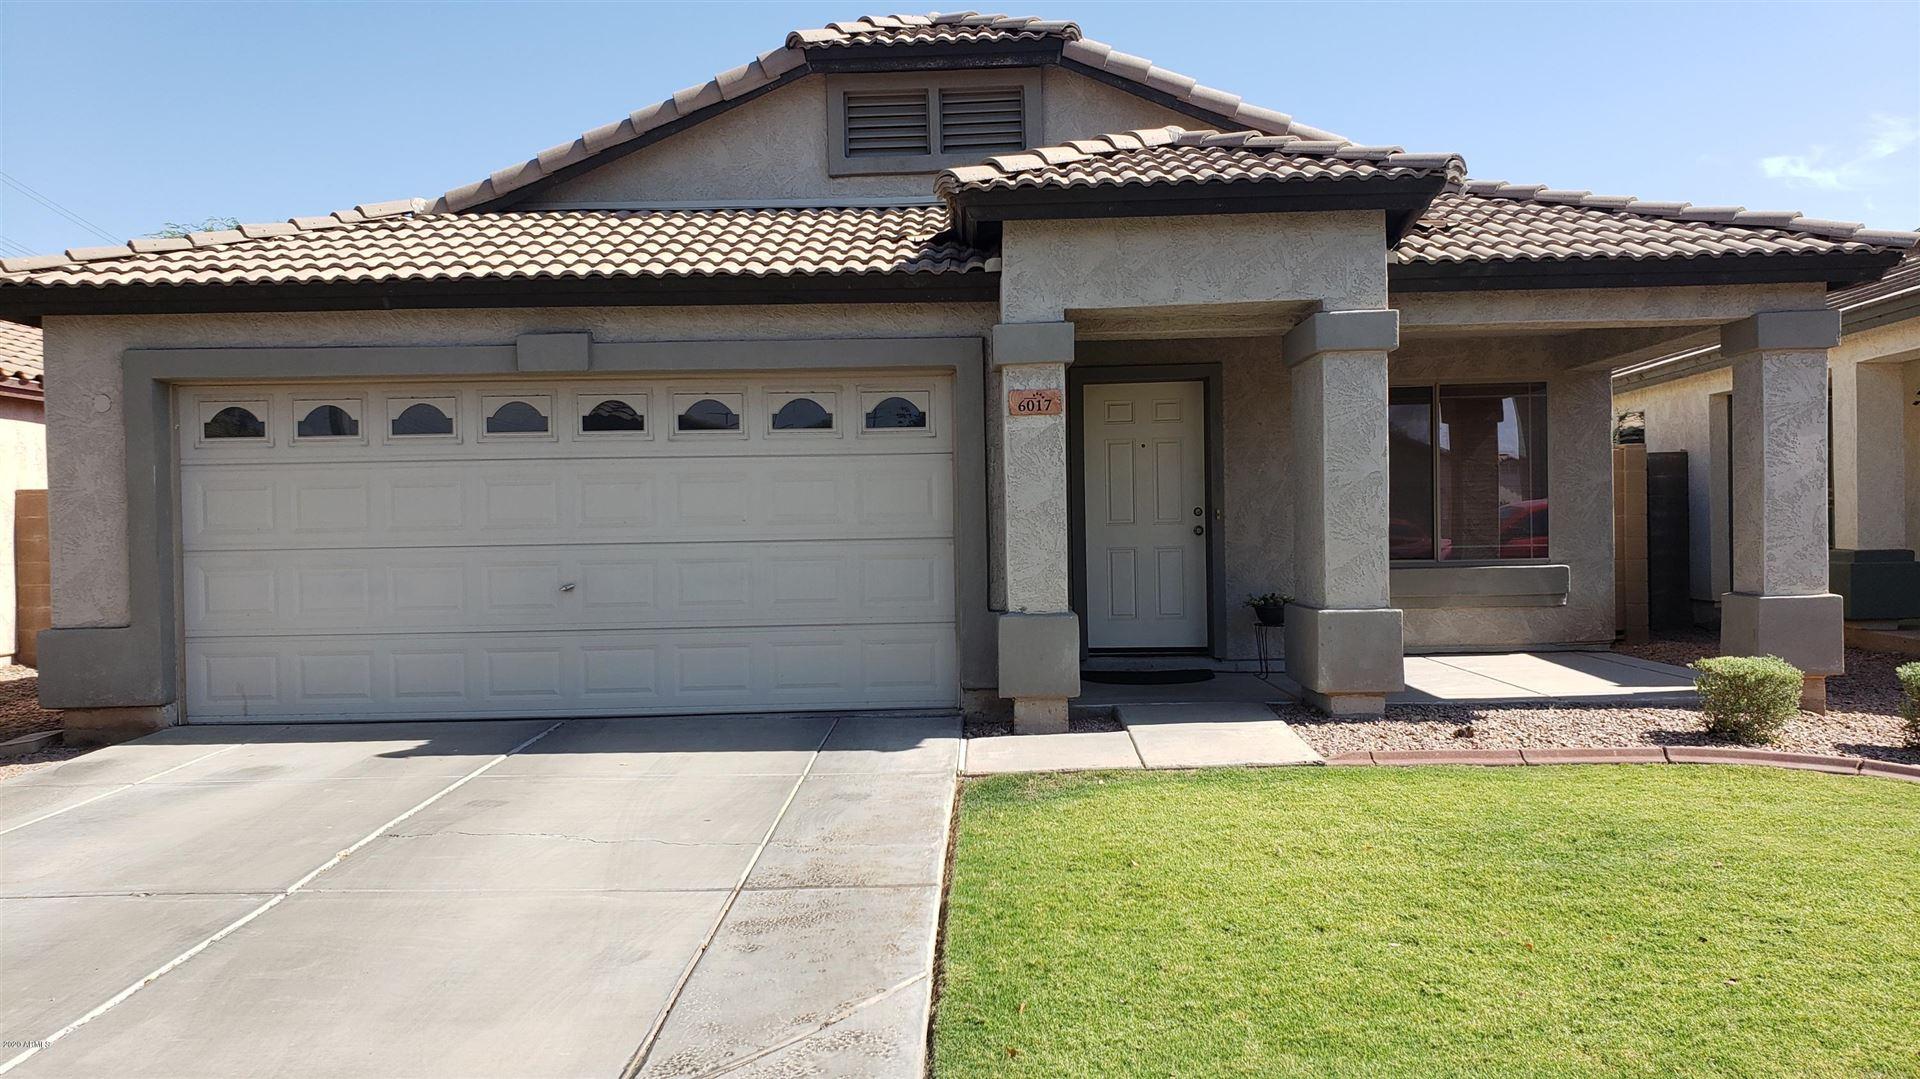 6017 W SOUTHGATE Avenue, Phoenix, AZ 85043 - MLS#: 6102320